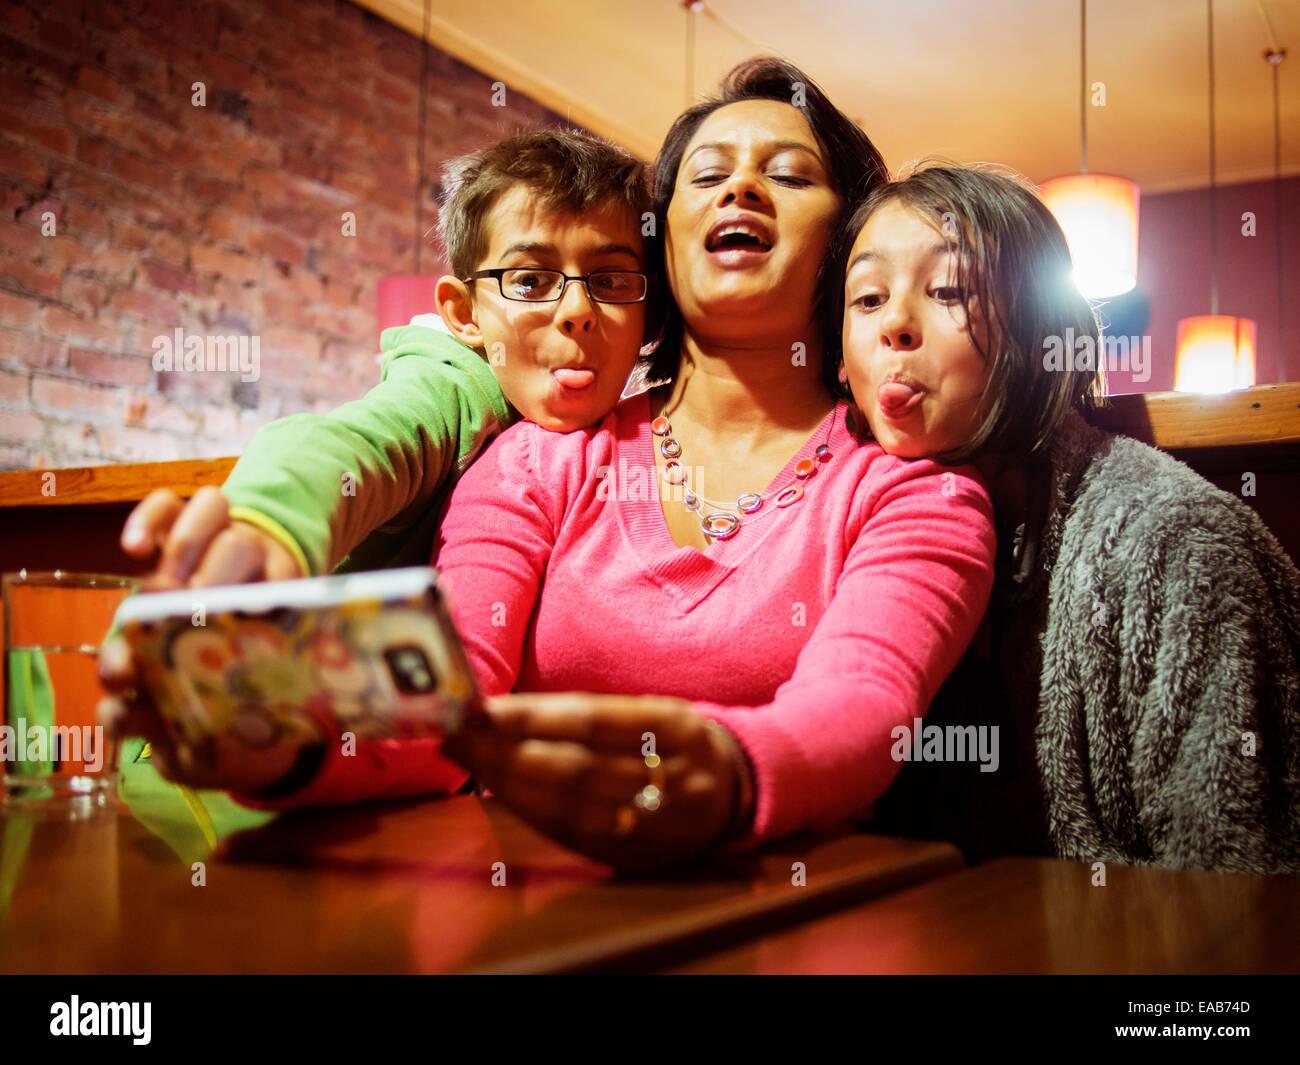 Donna assume selfie sul telefono. Figlia di madre e figlio. Immagini Stock